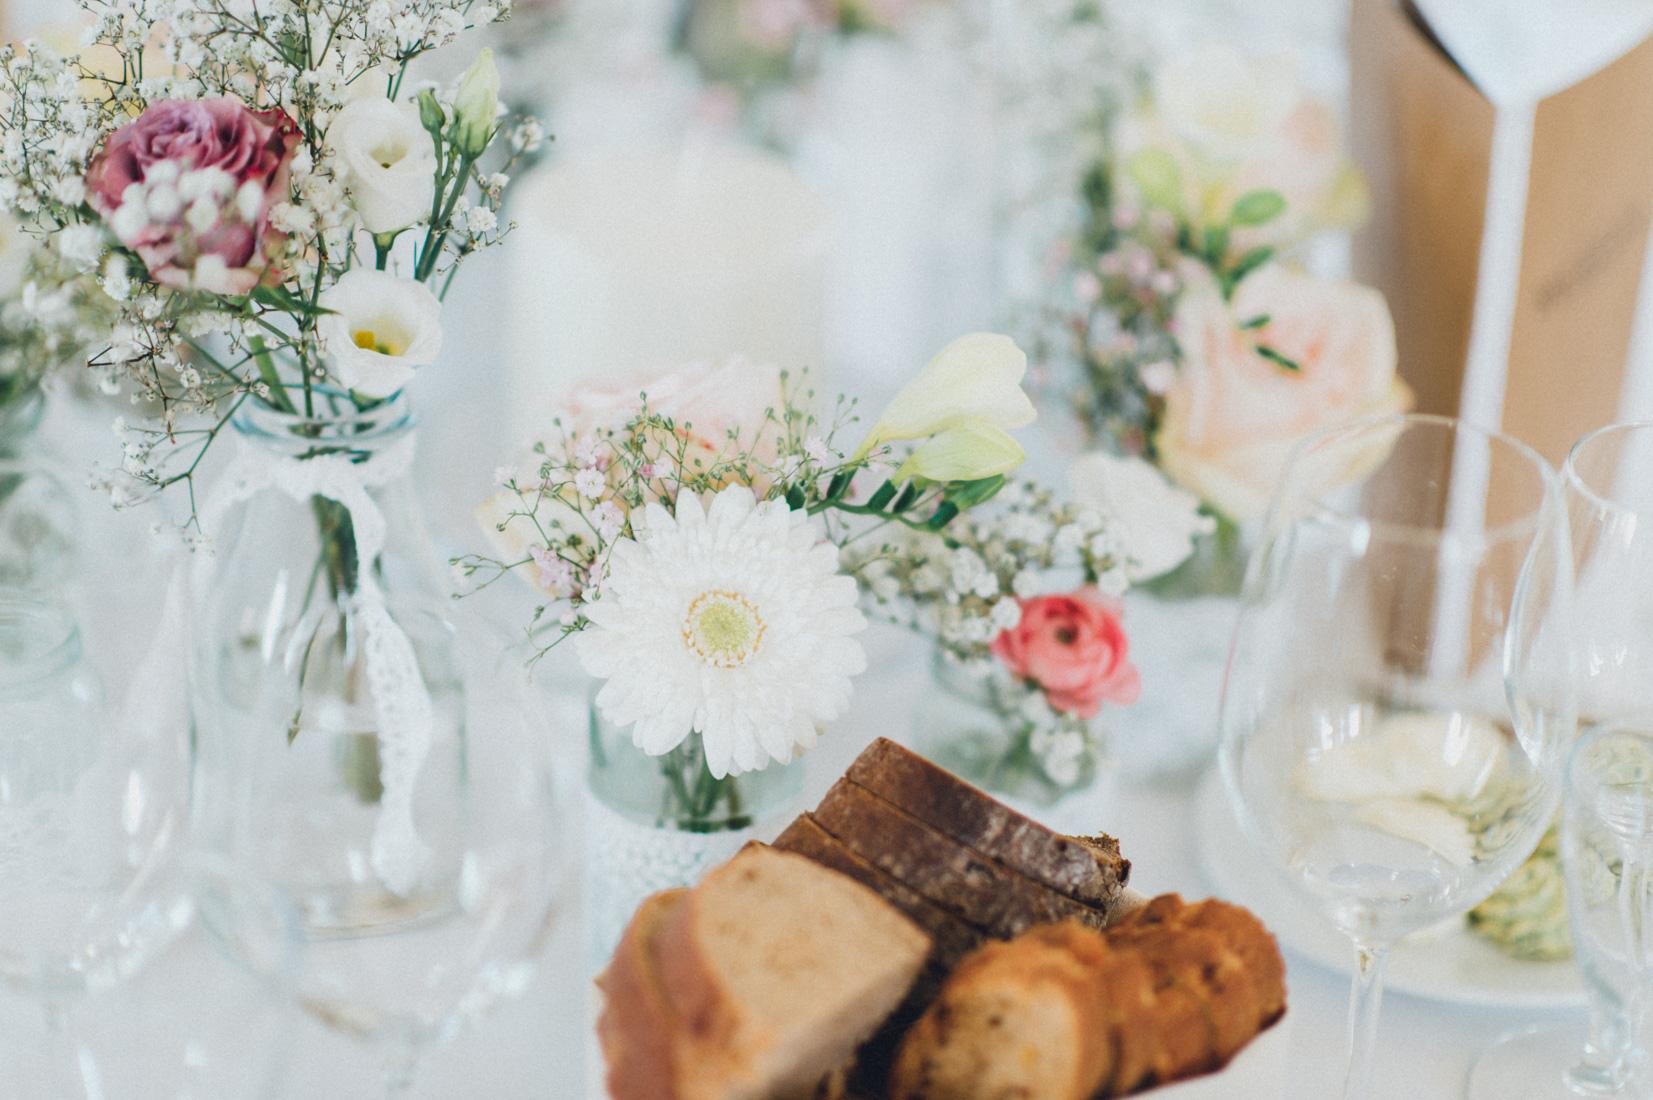 pastel-vintage-hertefeld-154 hochzeitsfotograf schloss hertefeldGalina & Robert DIY Pastel Vintage Hochzeit auf Schloss Hertefeldpastel vintage hertefeld 154